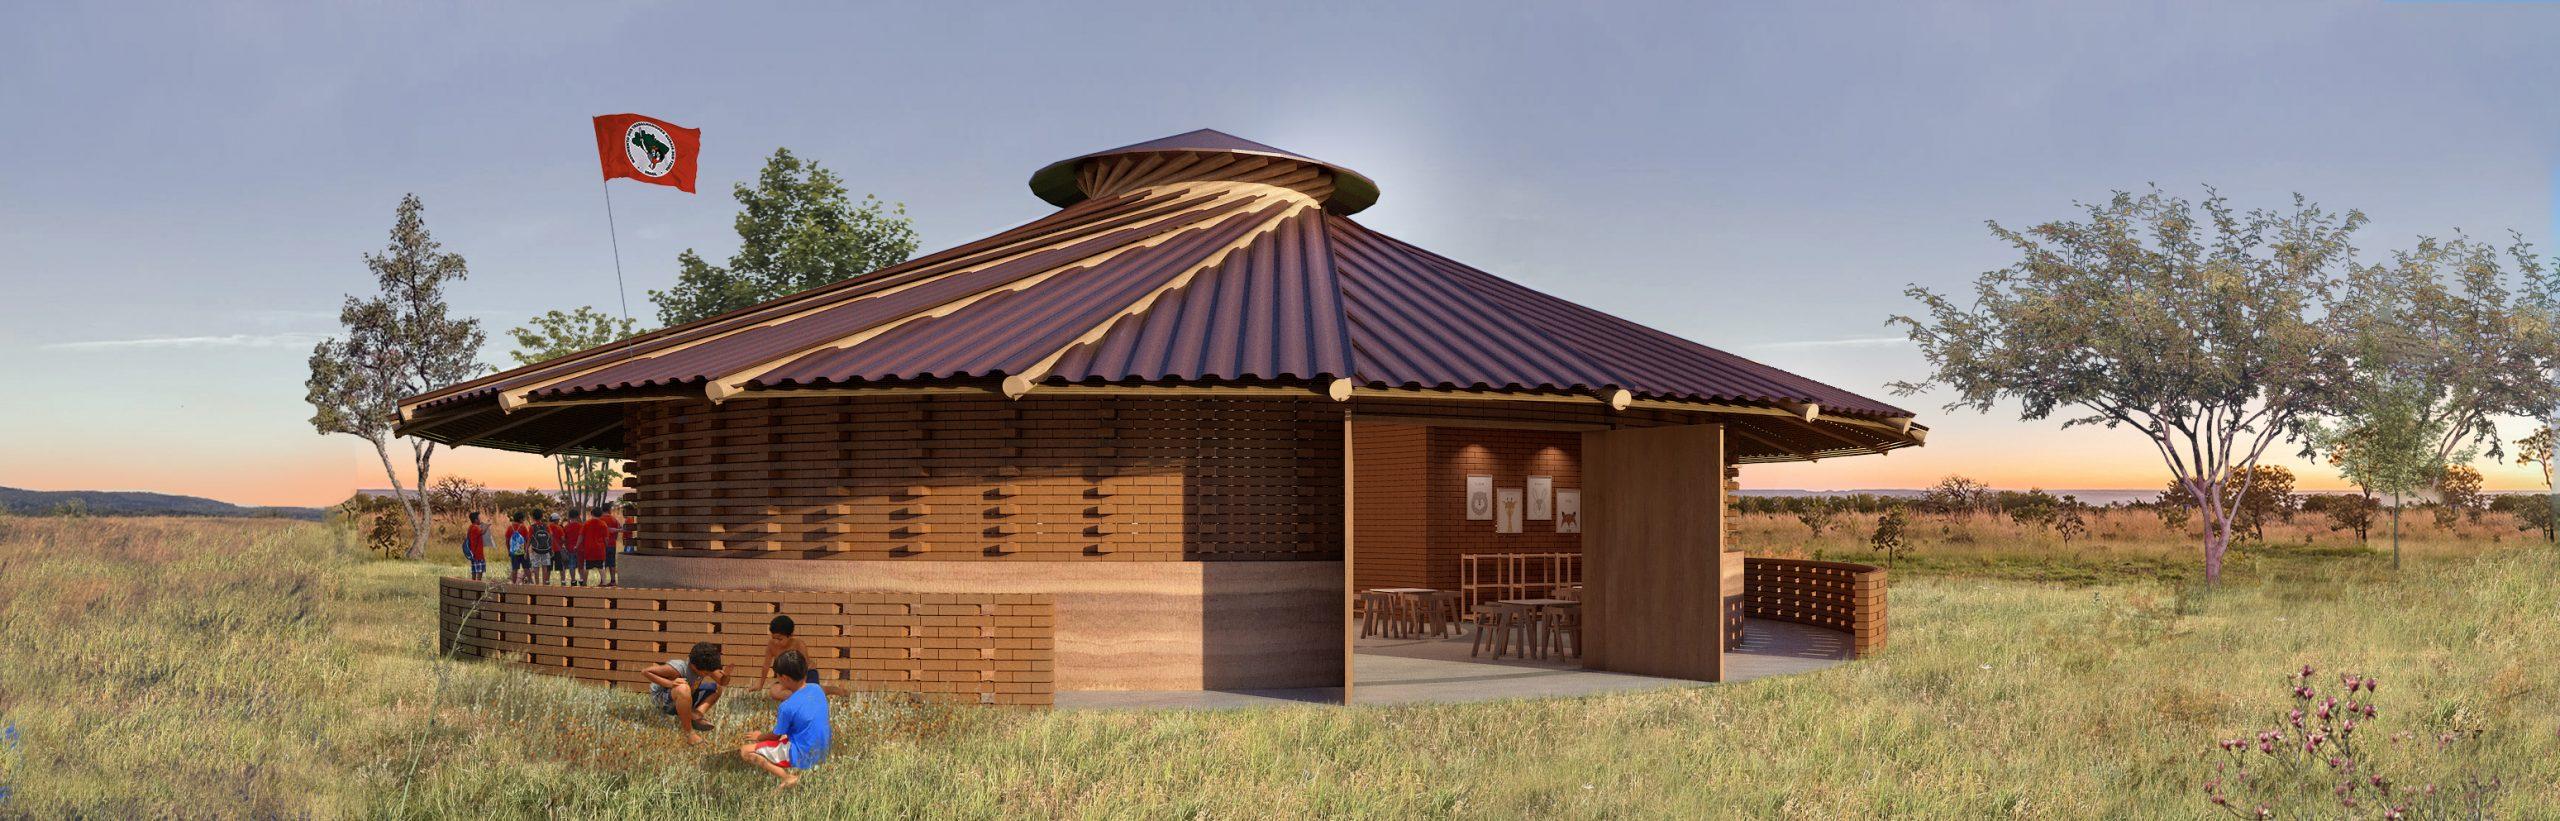 Casa de Cultura do MST no DF arrecada fundos para sua construção